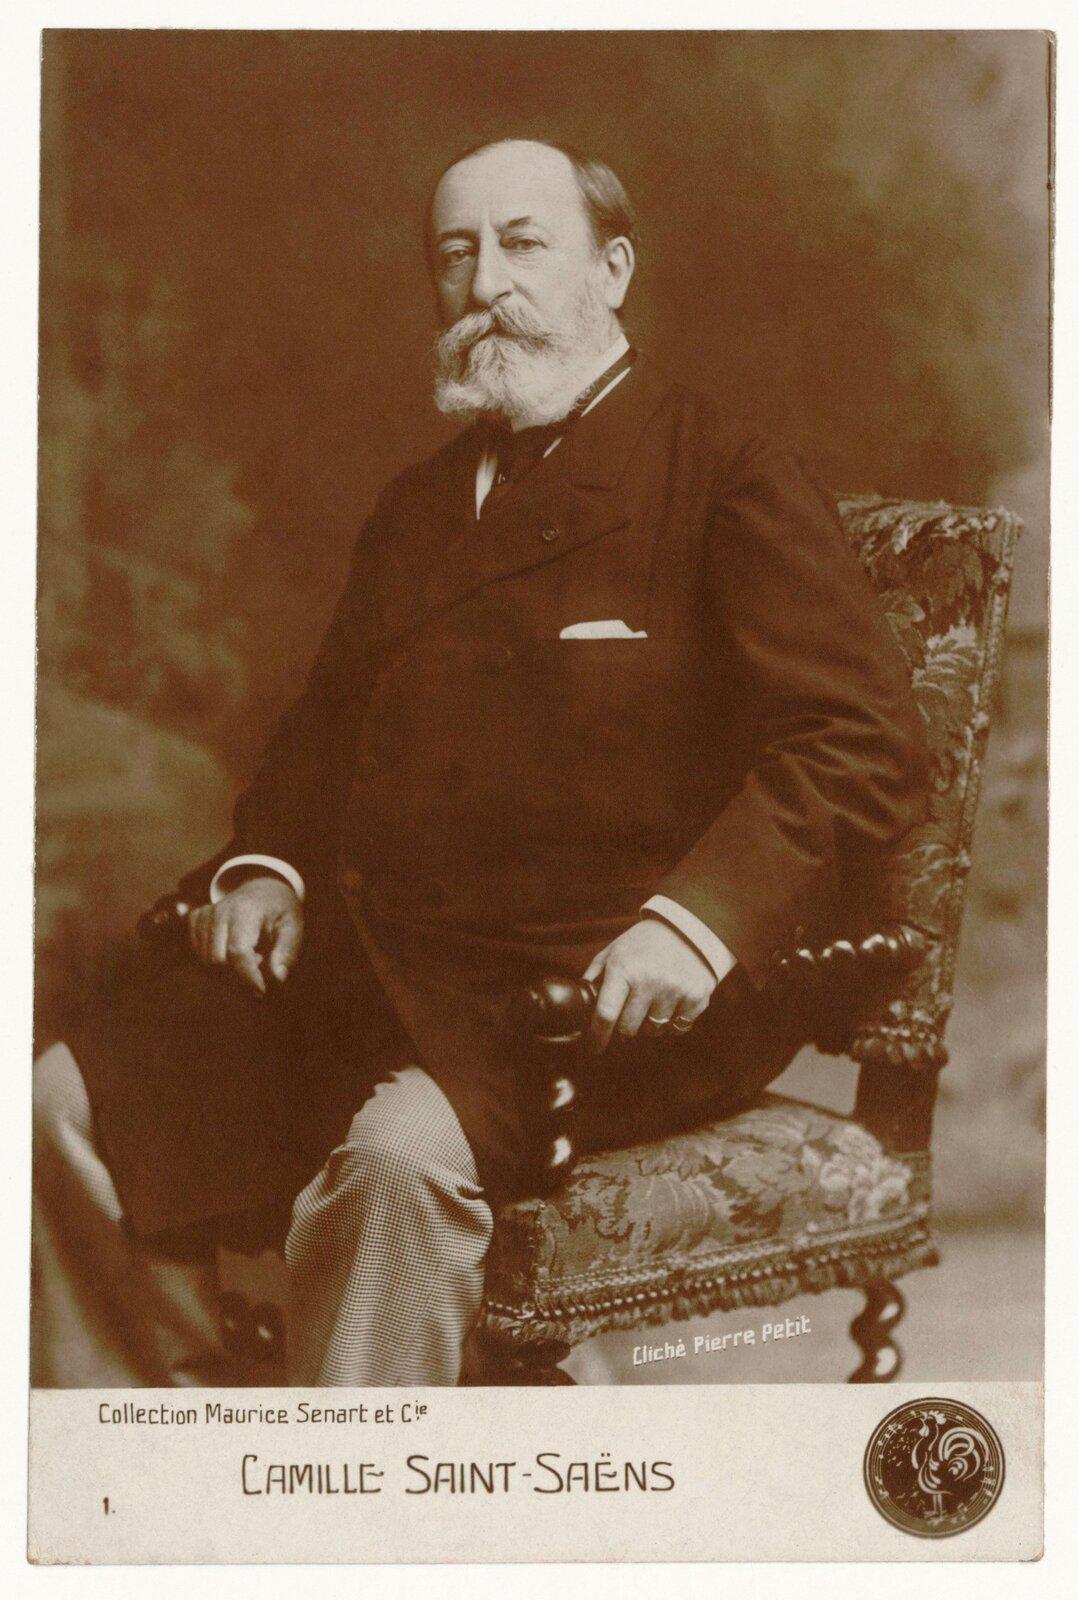 Ilustracja przedstawia fotografię zportretem Camille Saint-Saëns. Starszy mężczyzna siedzi na zdobionym fotelu. Patrzy na wprost obiektywu, ma długie, siwe wąsy ibrodę. Ubrany jest wczarny, długi płaszcz ijasne spodnie.